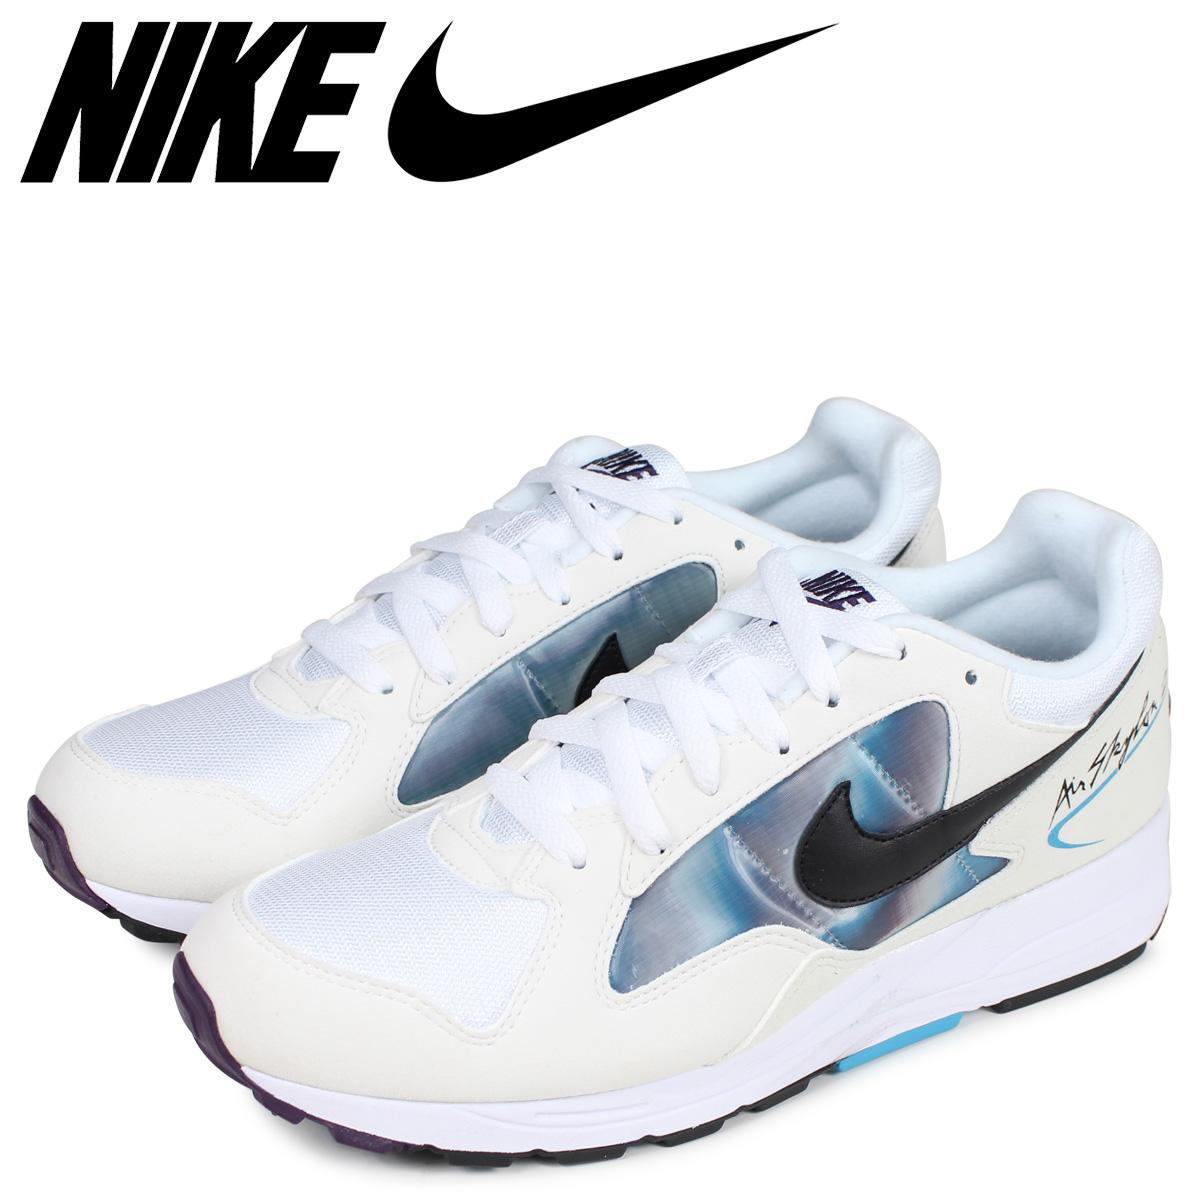 NIKE ナイキ エア スカイロン2 スニーカー メンズ AIR SKYLON 2 SE ホワイト 白 BQ8167-100